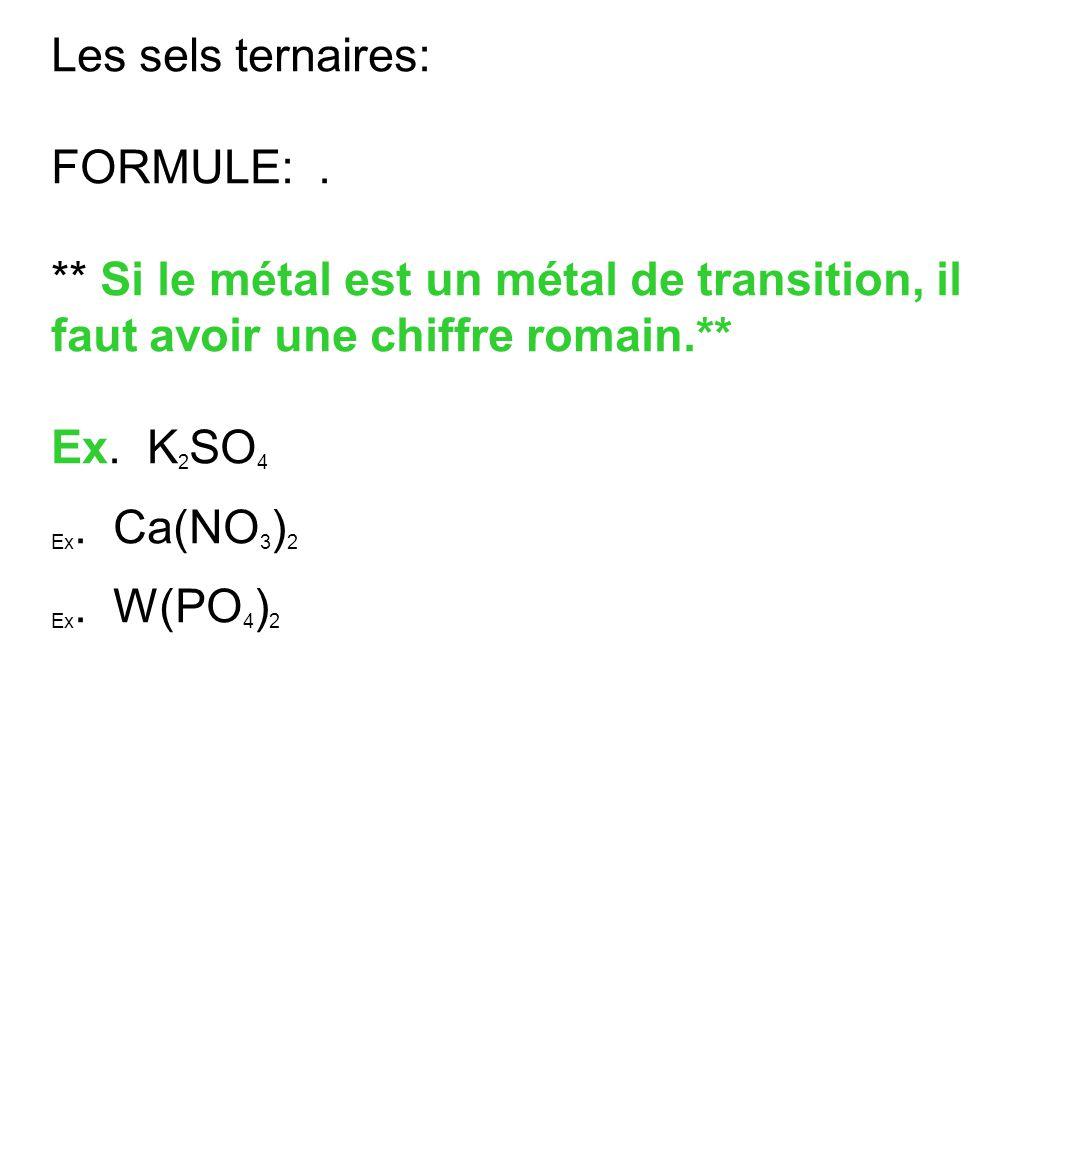 Les sels ternaires: FORMULE:. ** Si le métal est un métal de transition, il faut avoir une chiffre romain.** Ex. K 2 SO 4 Ex. Ca(NO 3 ) 2 Ex. W(PO 4 )